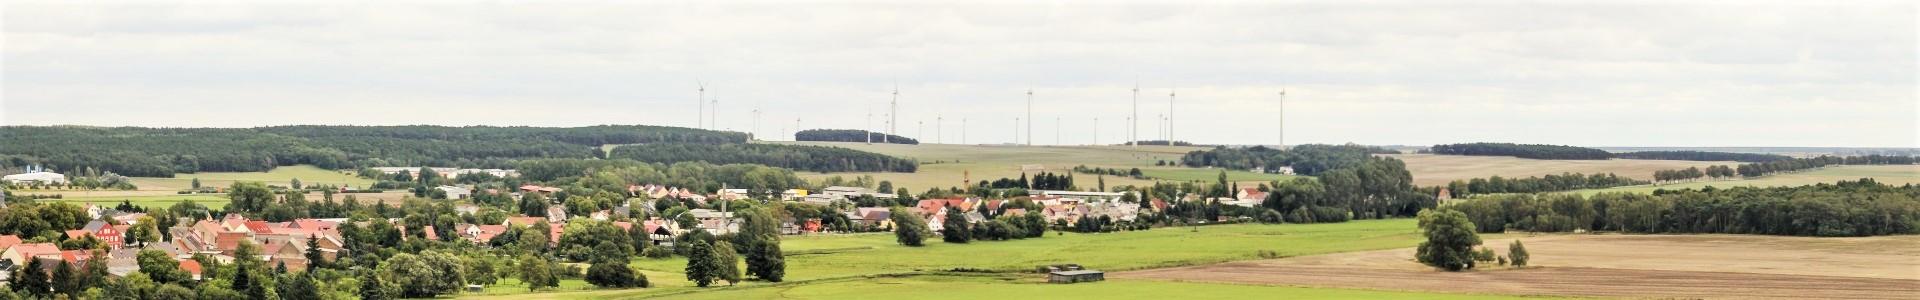 Richtlinie für Regionalpläne Hintergrundbild